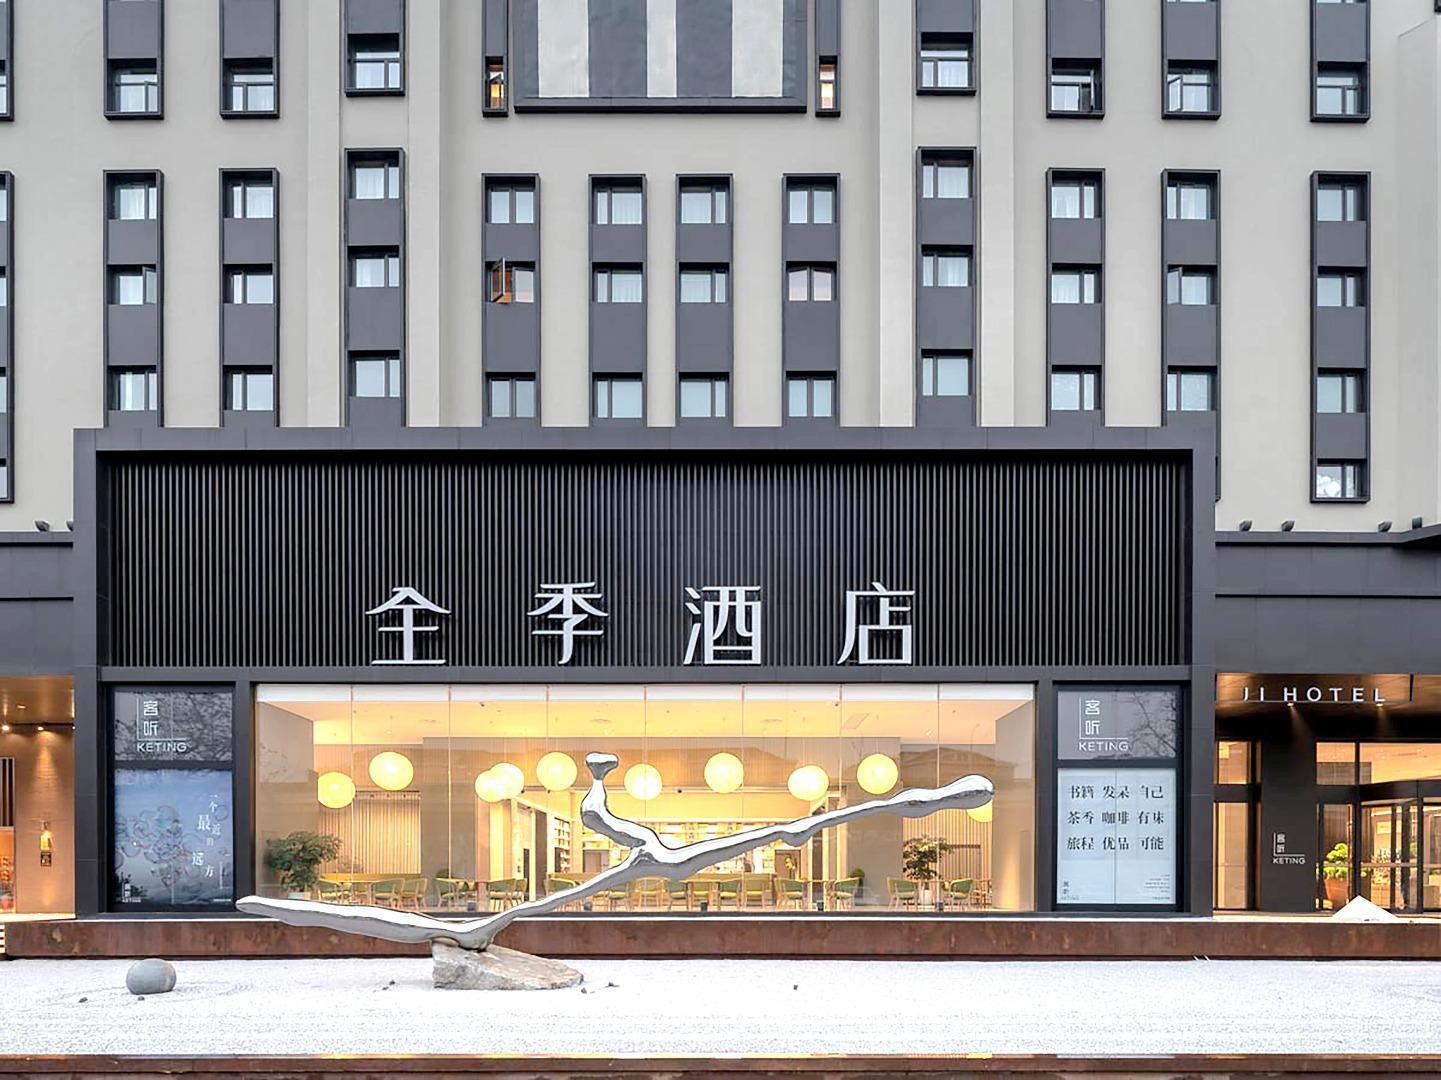 JI Hotel Shanghai Hongqiao Center